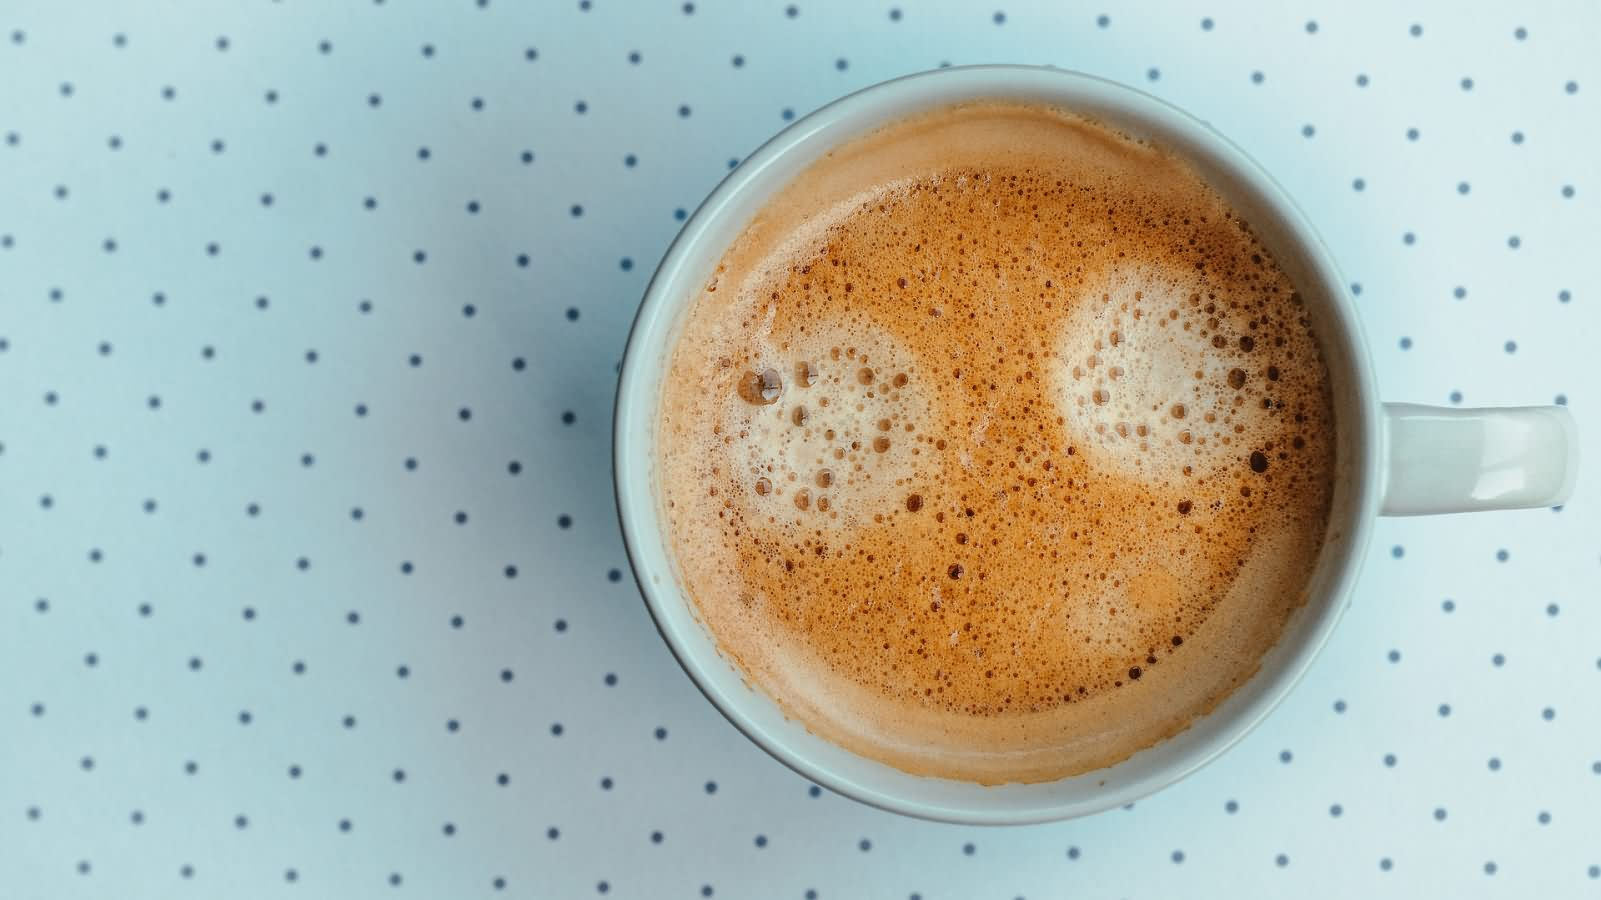 coffee-3545003_1920